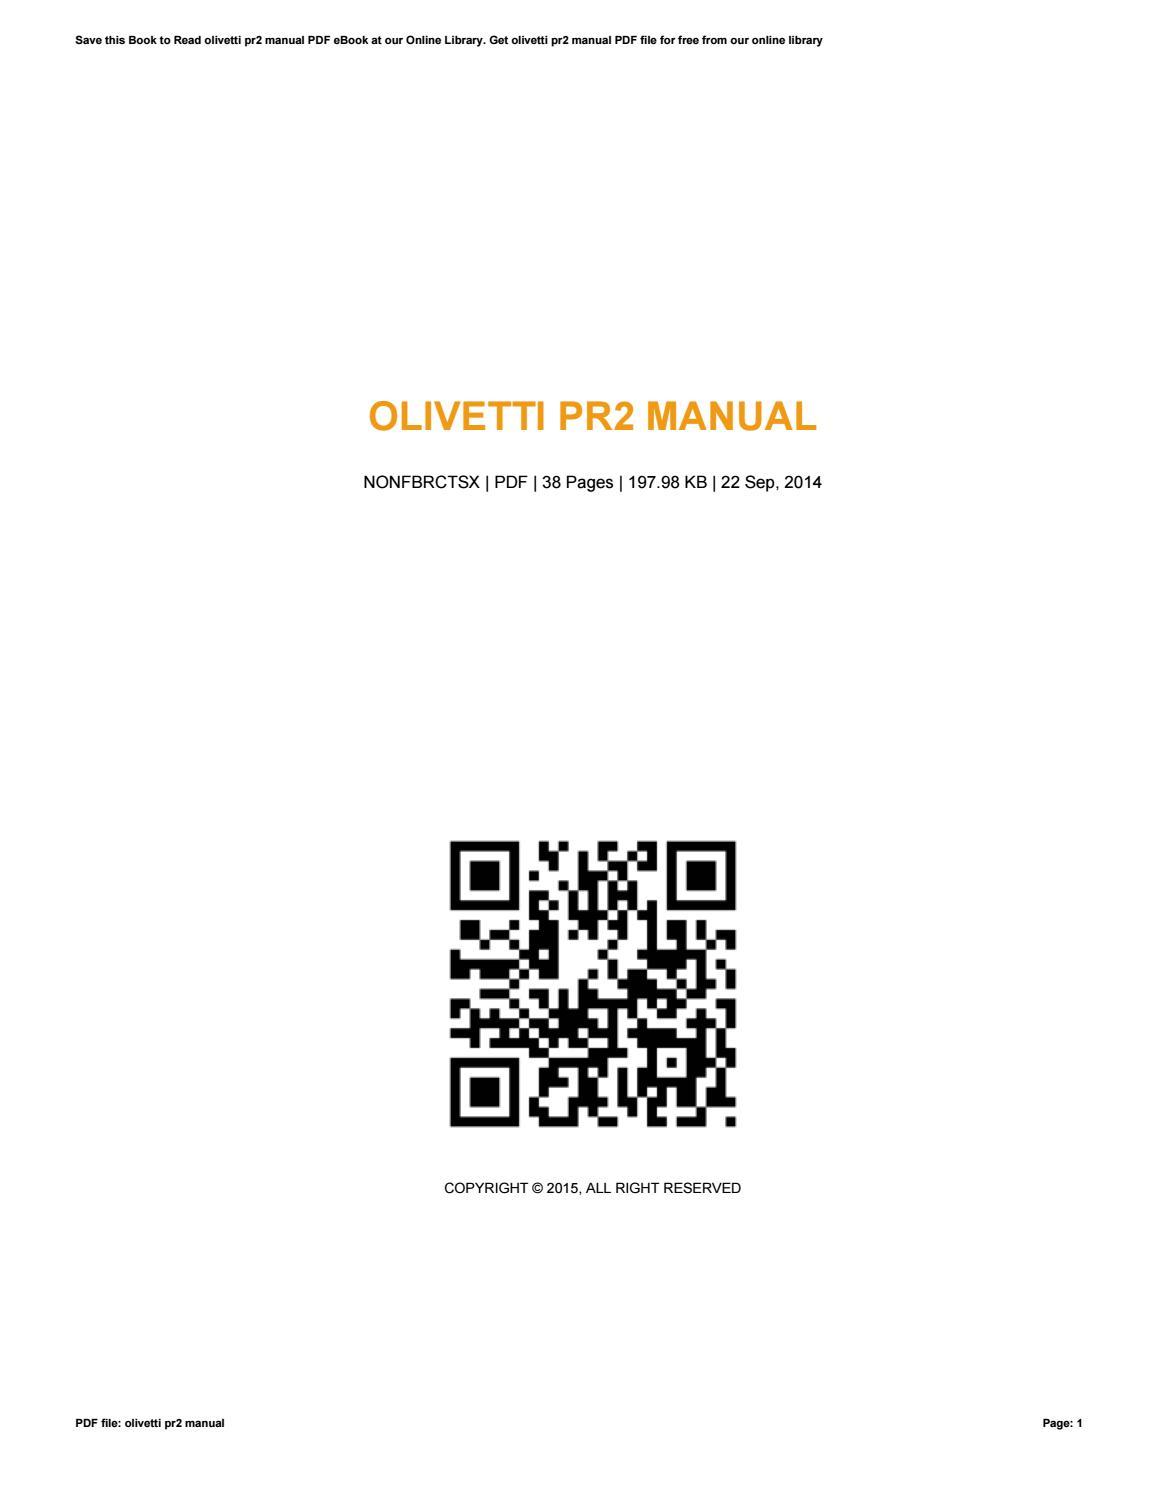 Olivetti pr2 e specialized printer service repair manual download.